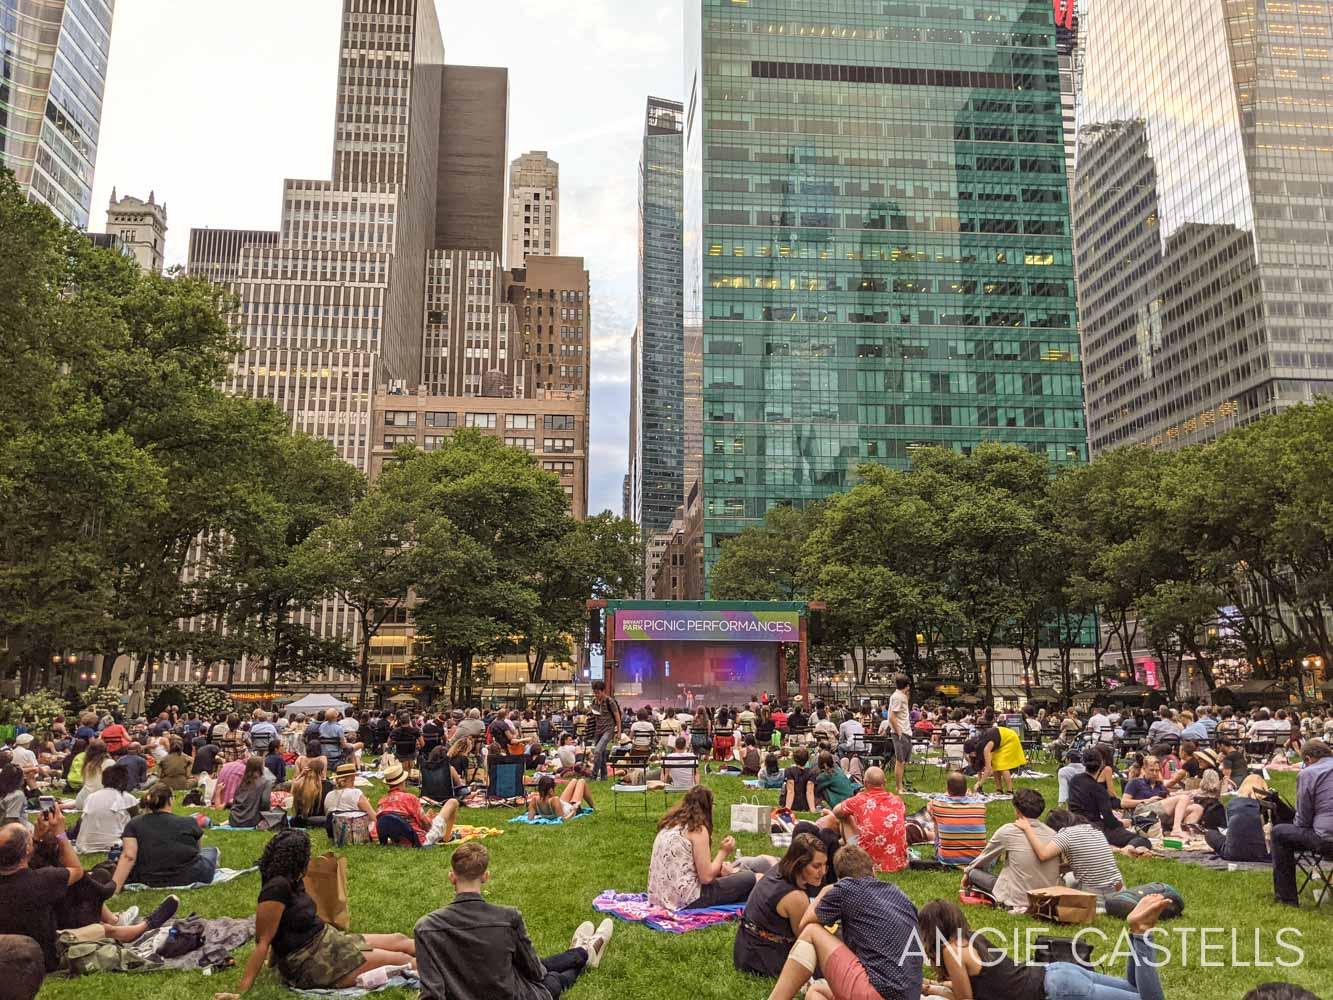 Consejos para preparar un viaje a Nueva York - Bryant Park en verano